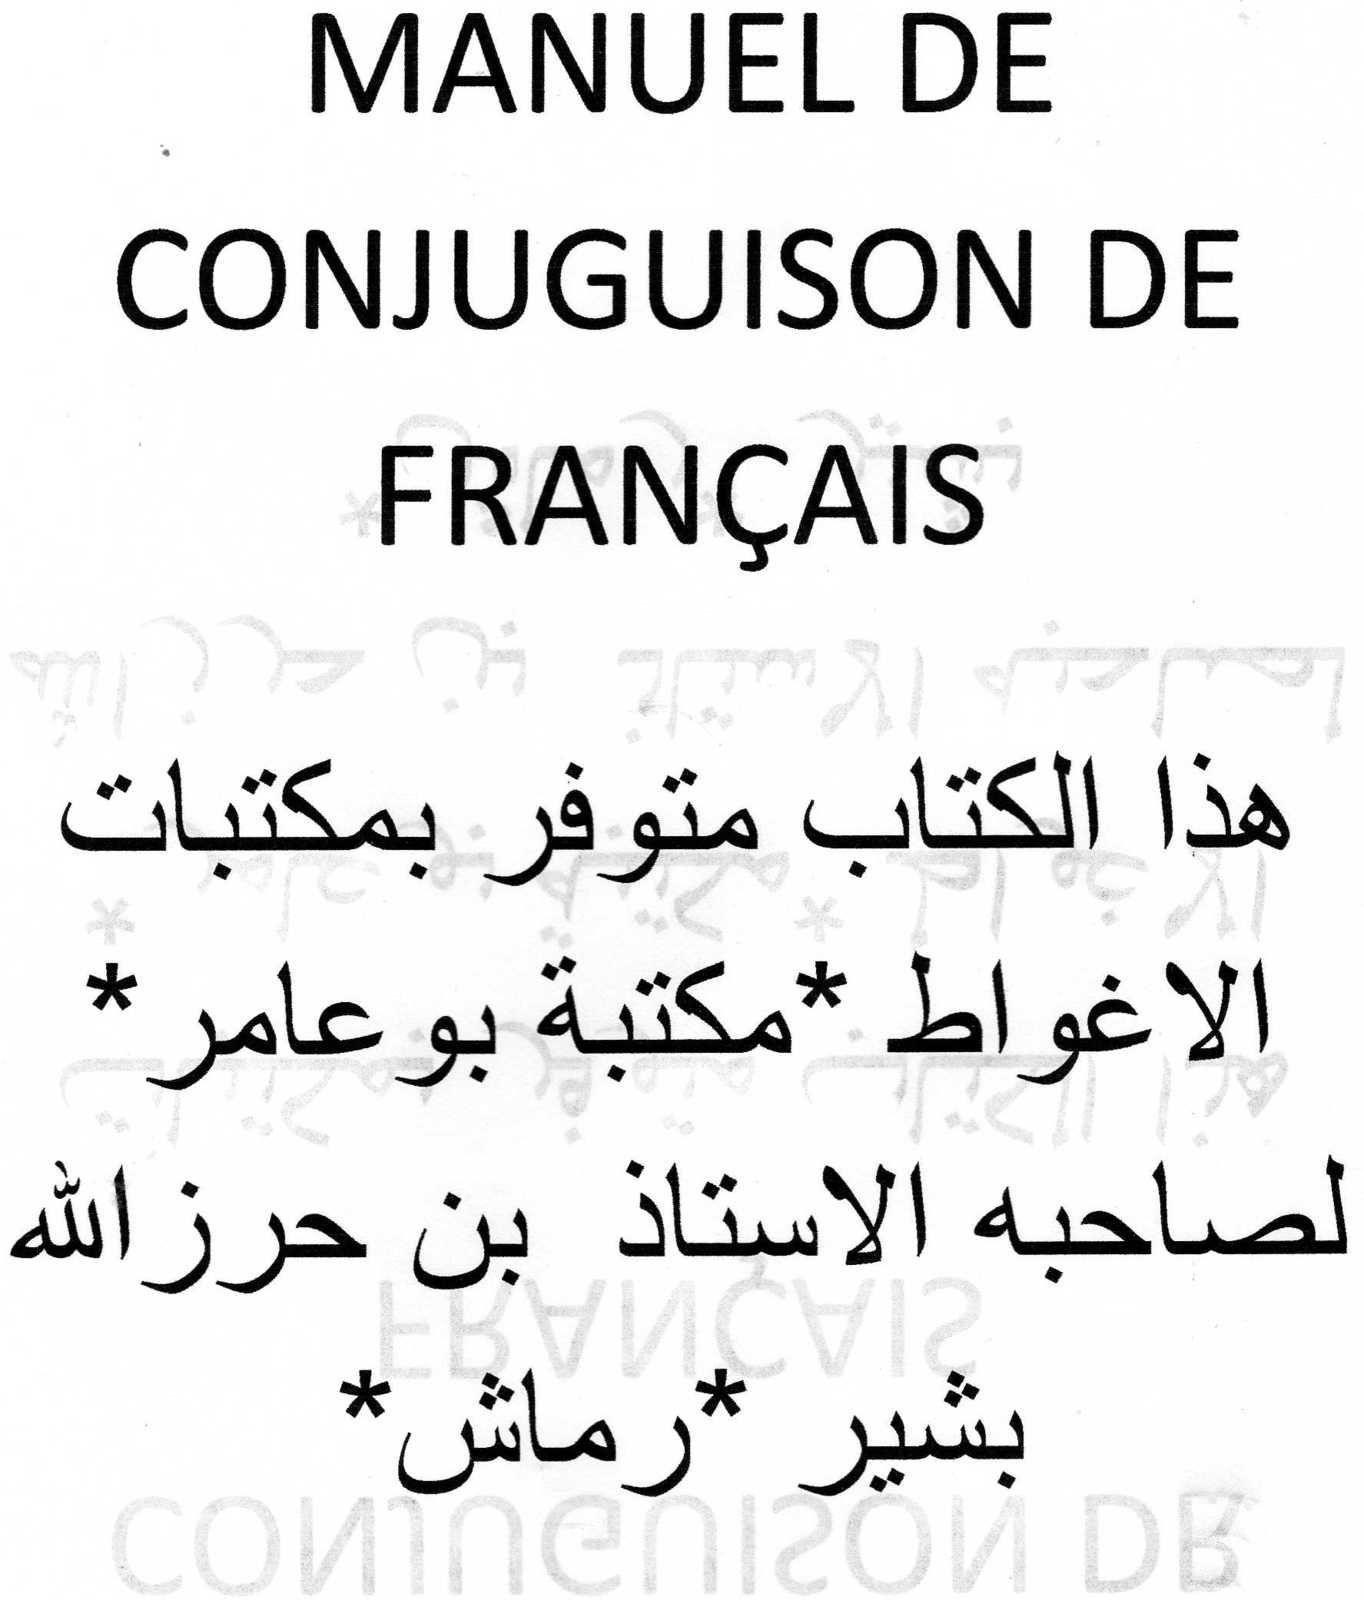 MANUEL DE CONJUGUISON DR FRANCAIS هذا الكناب متوفر بمكتبات الاغواط لصاحبه الاستاذ بن حرزالله ..رماش